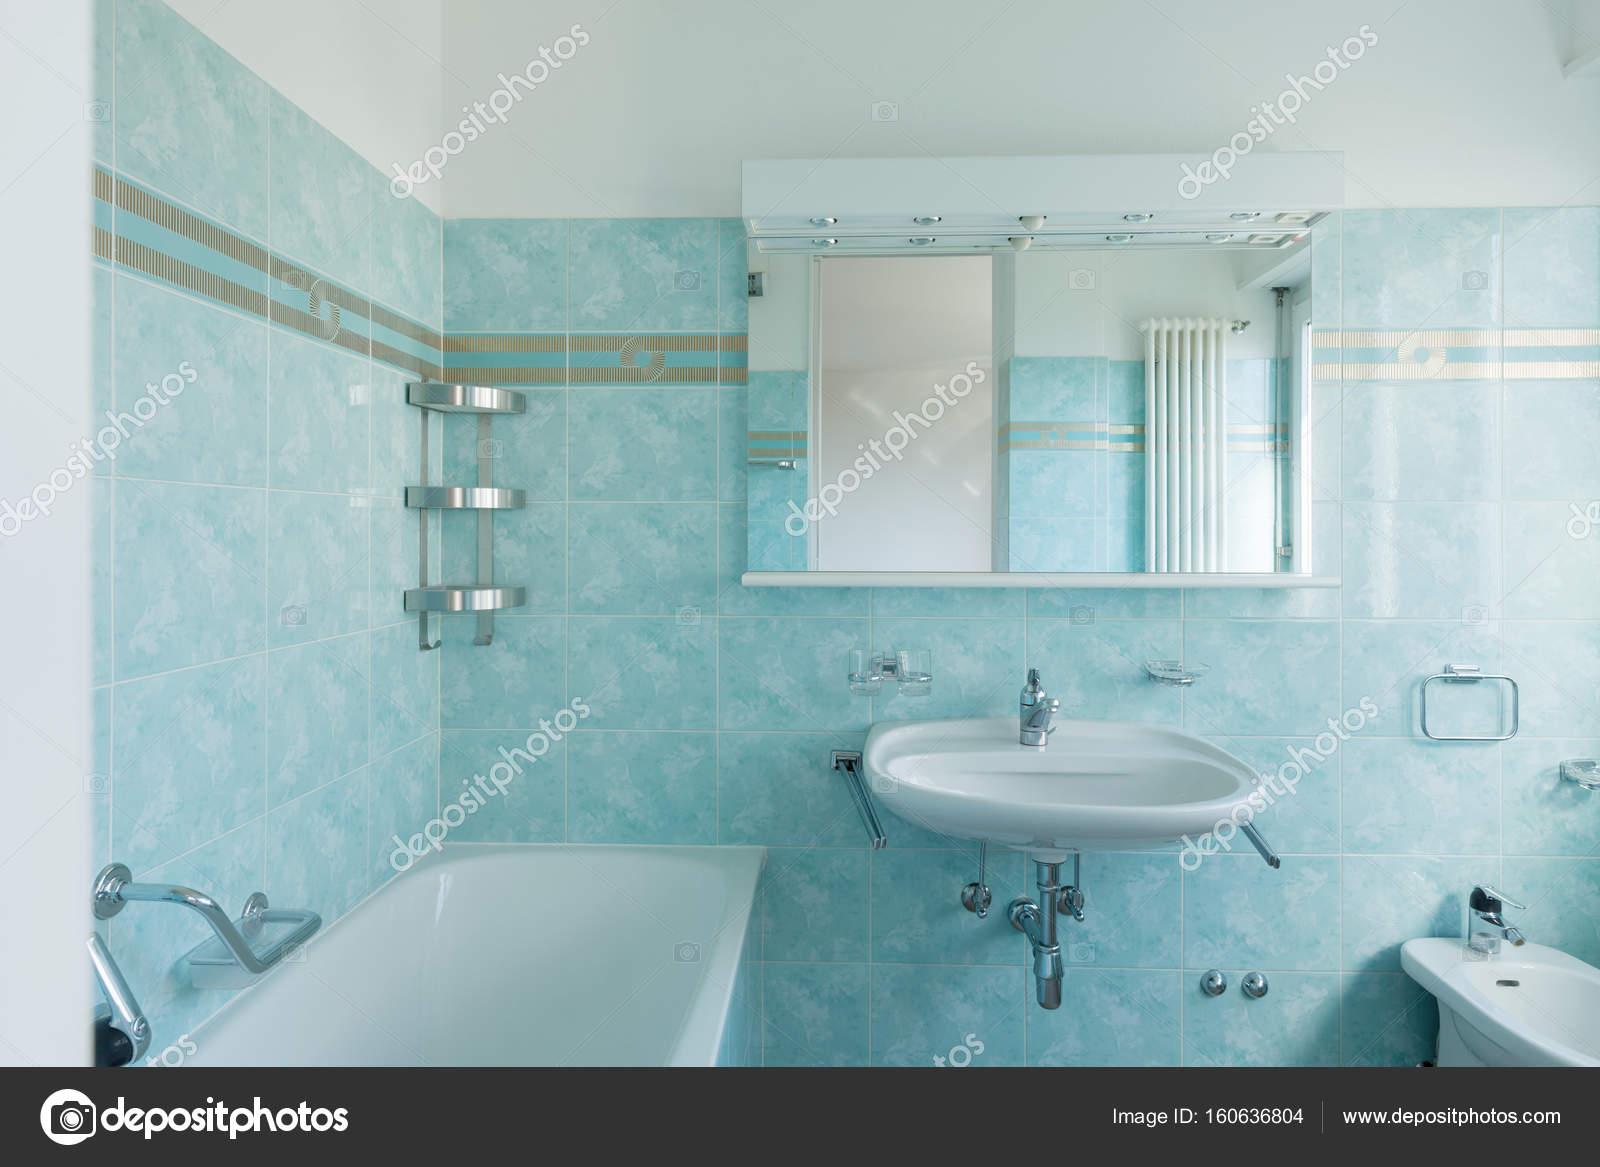 Stunning salle de bain vintage bleu images awesome - Salle de bain retro ...